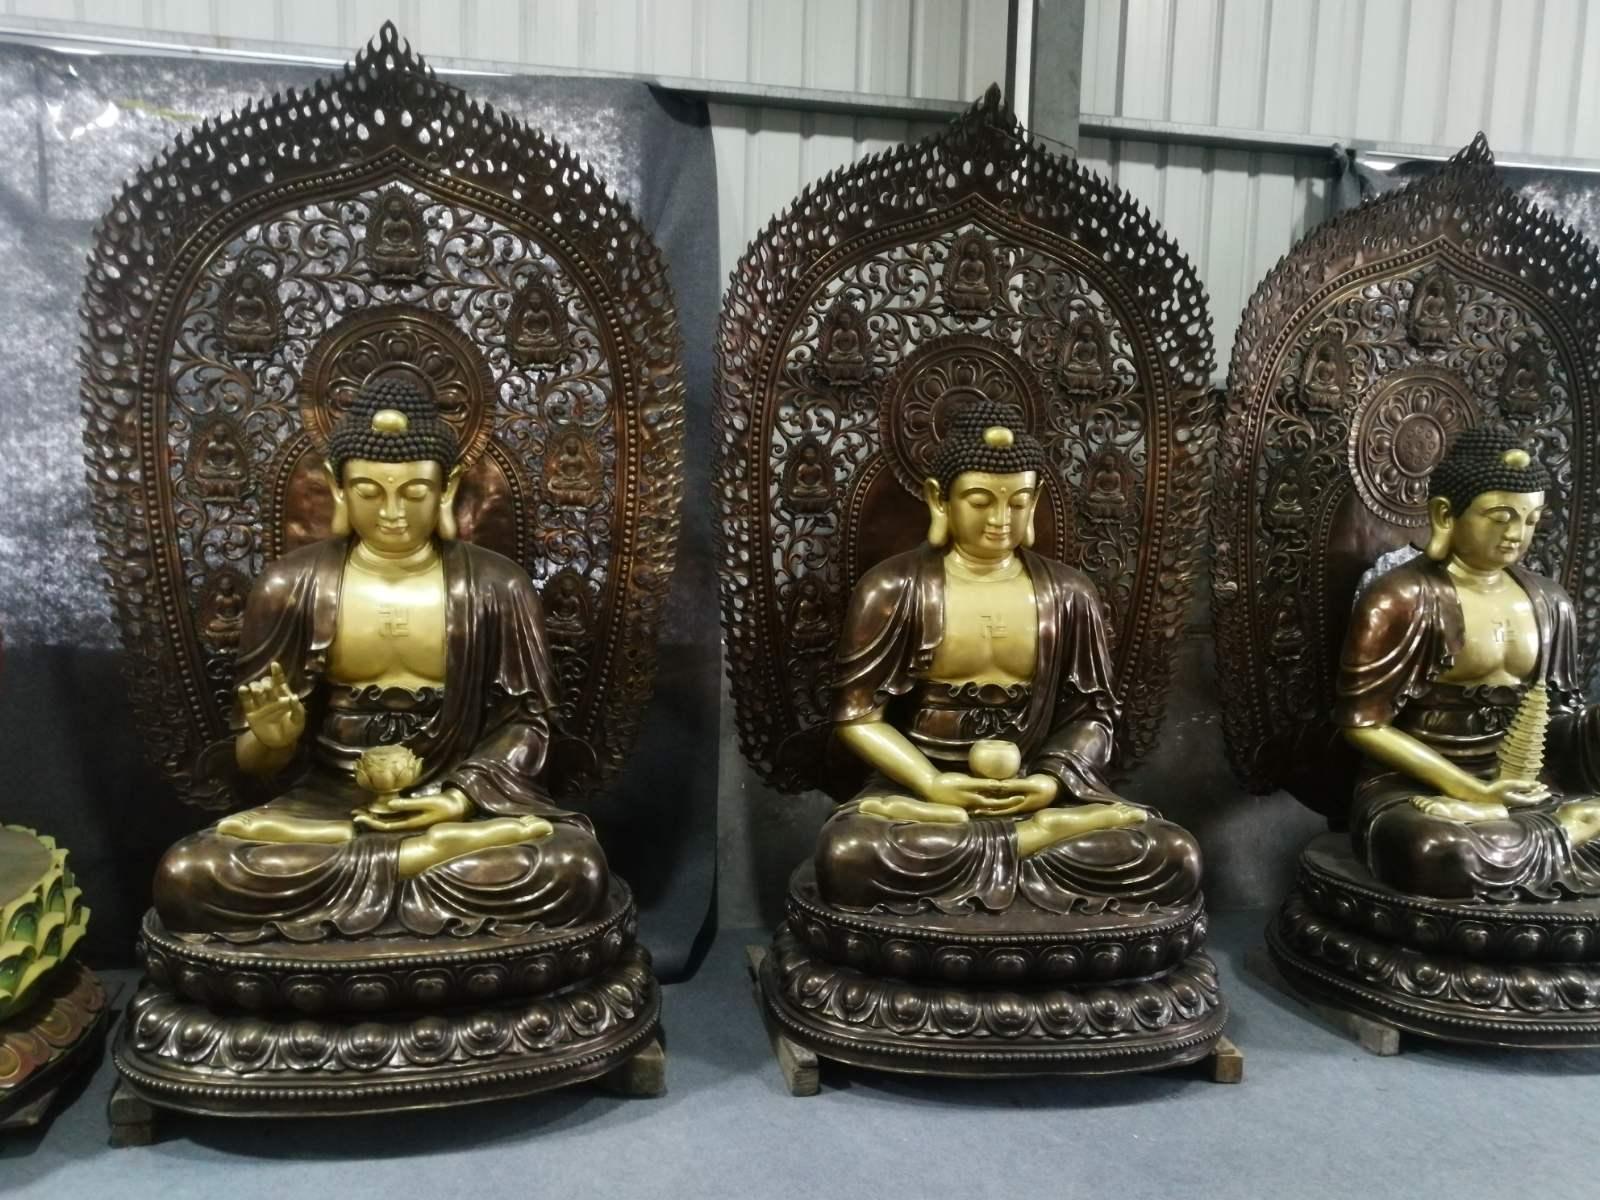 Hùn Phước Tạo Tam Tôn Phật và Bảo Tháp Đa Bảo